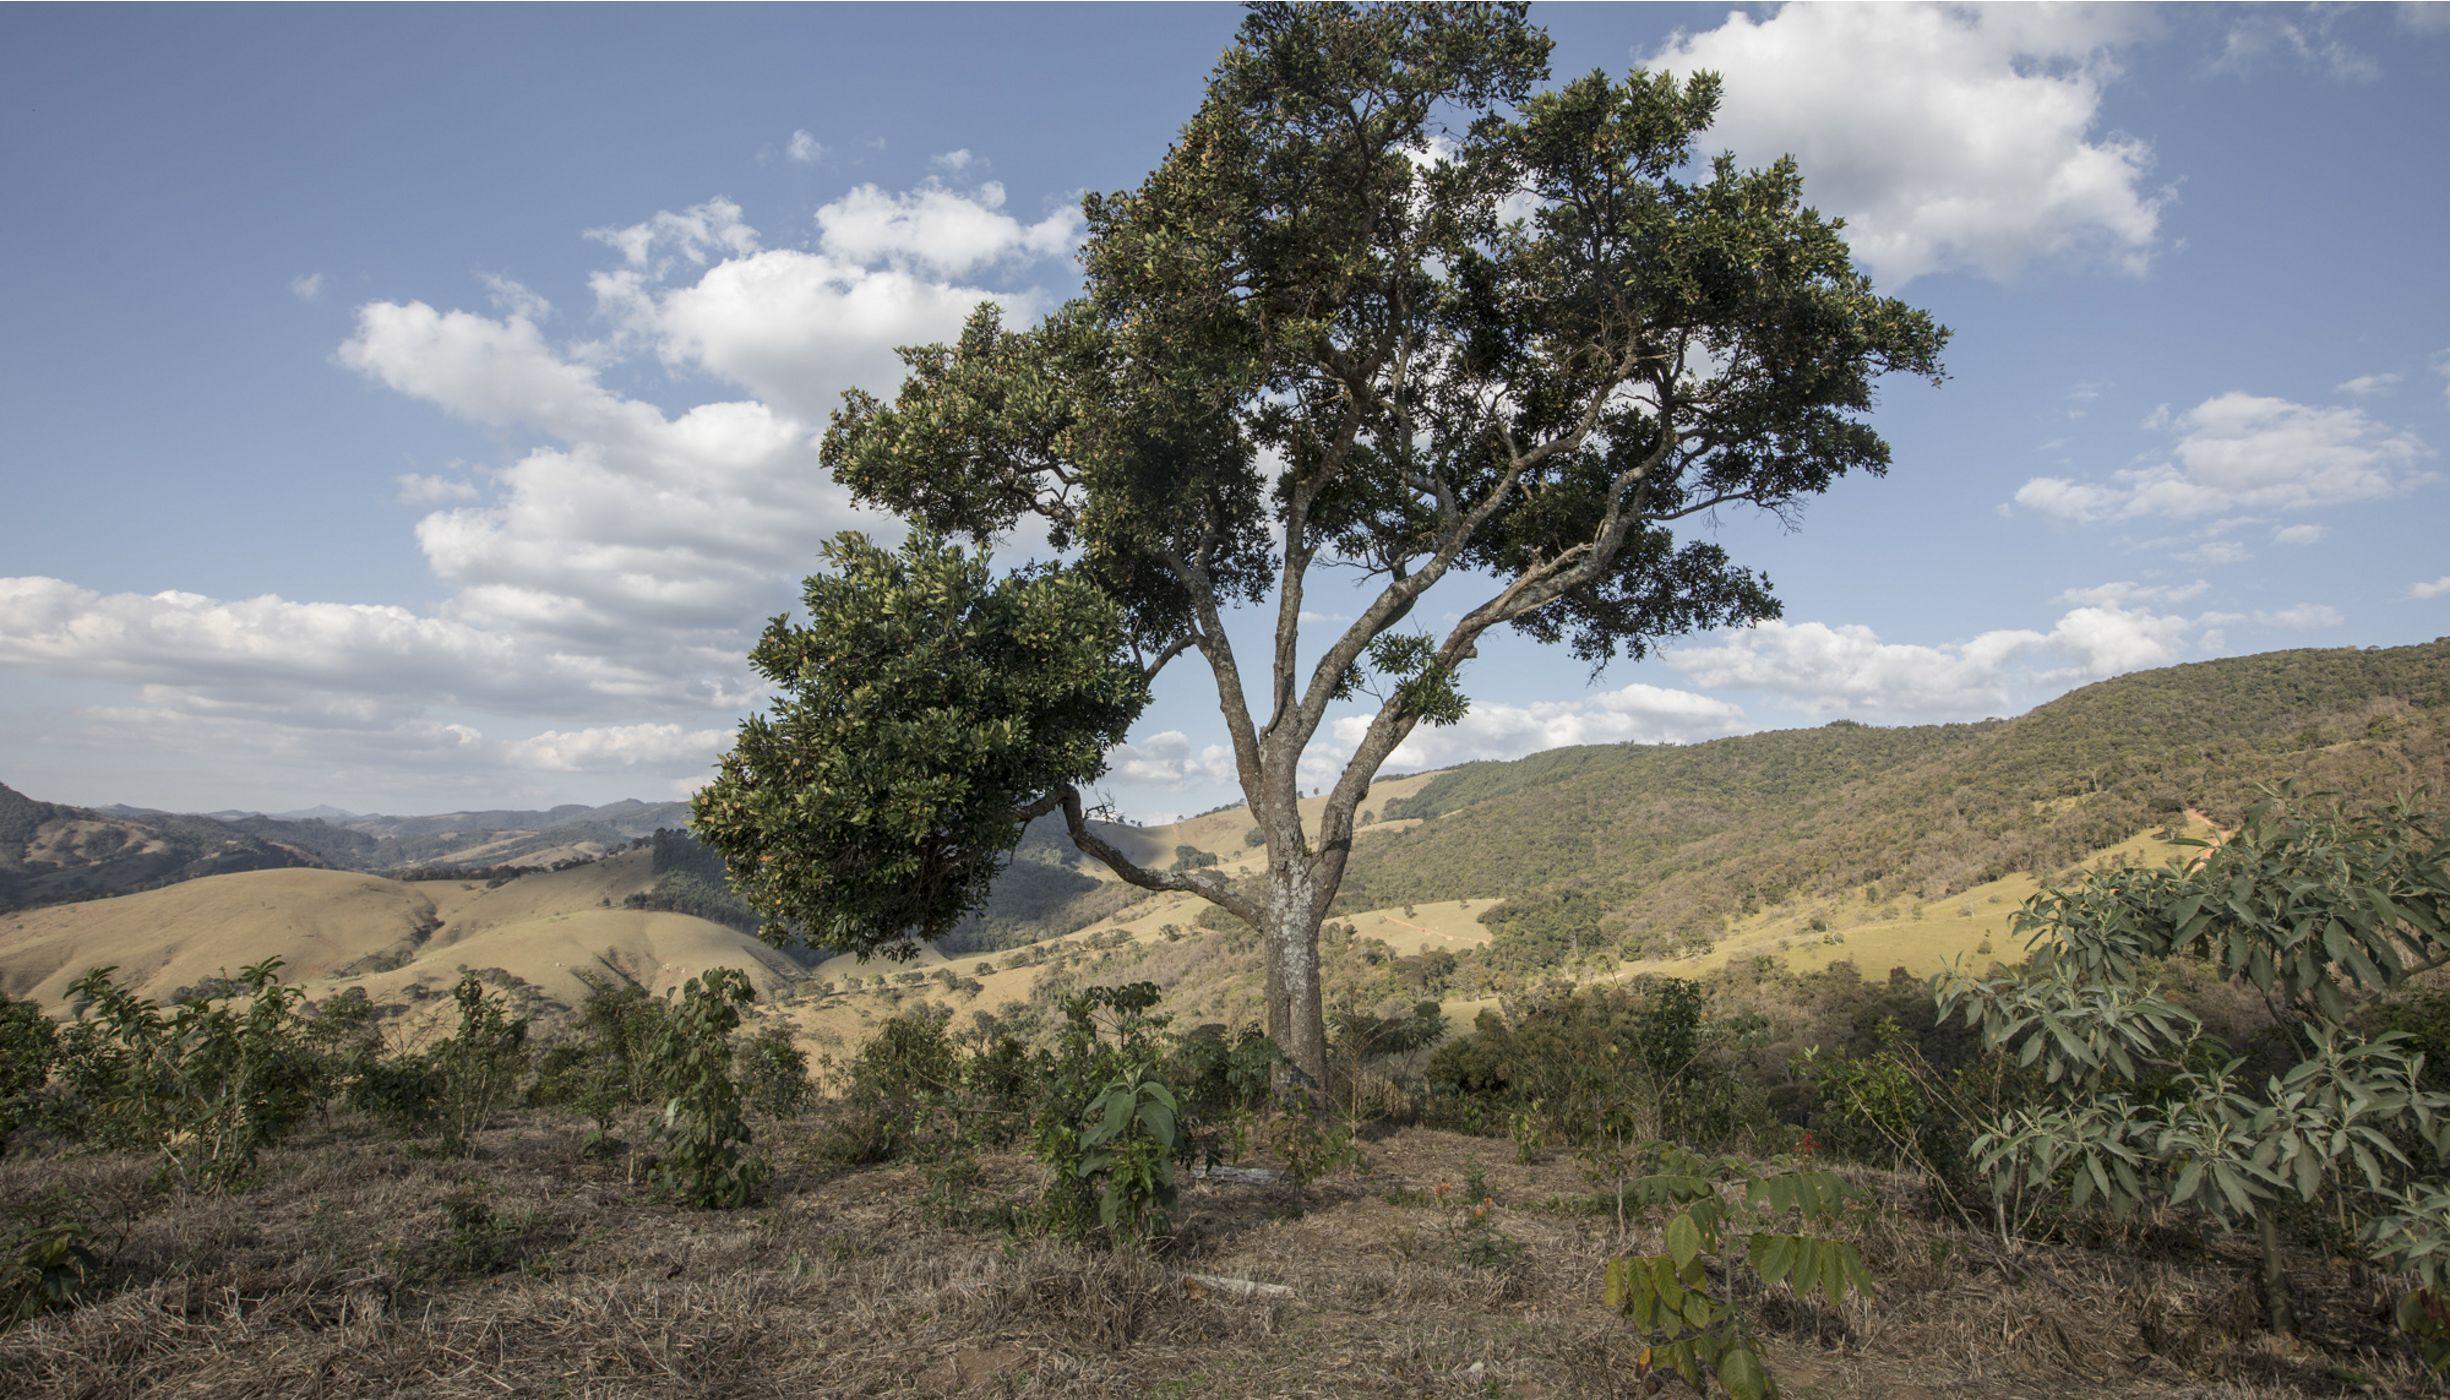 Uma árvore grande em meio a uma área recente de restauração com pequenas árvores.